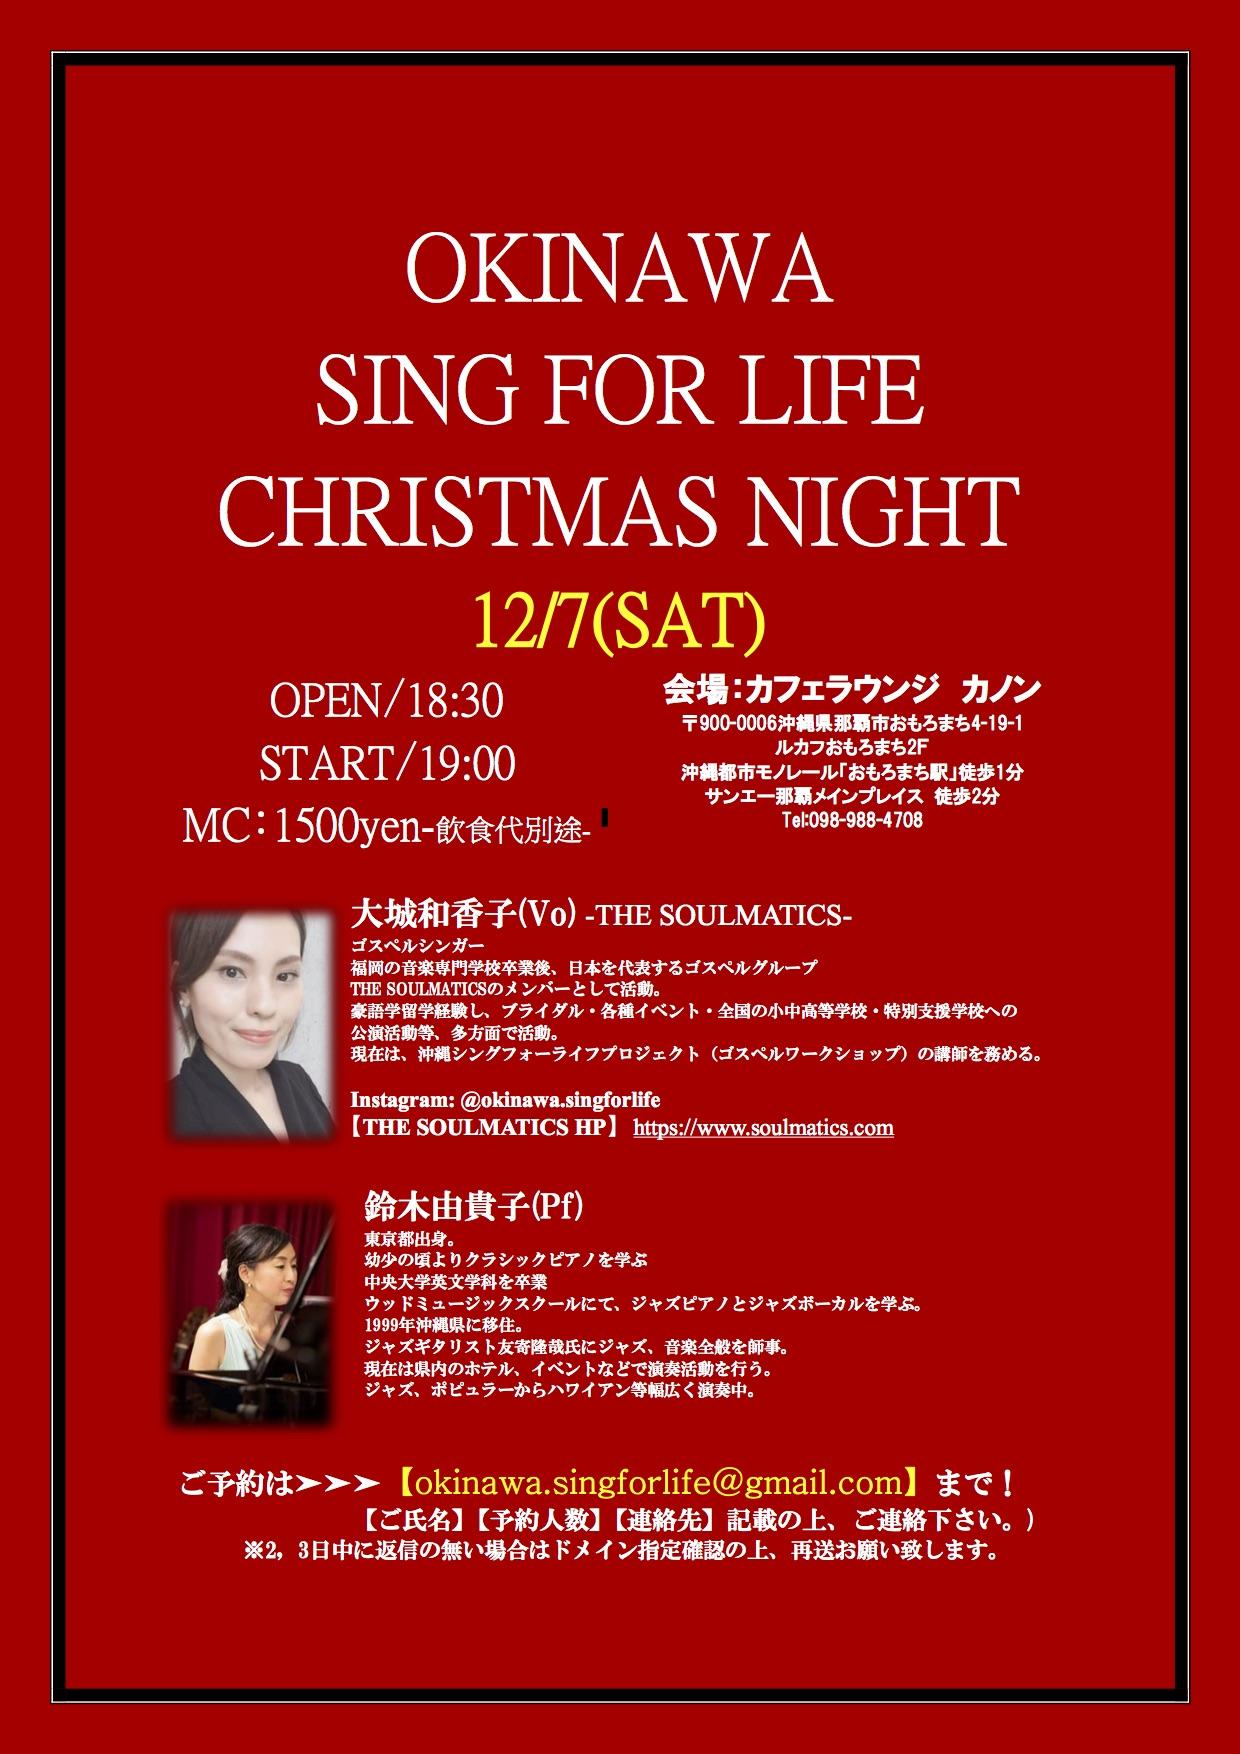 OKINAWA SING FOR LIFE CHRISTMAS NIGHT